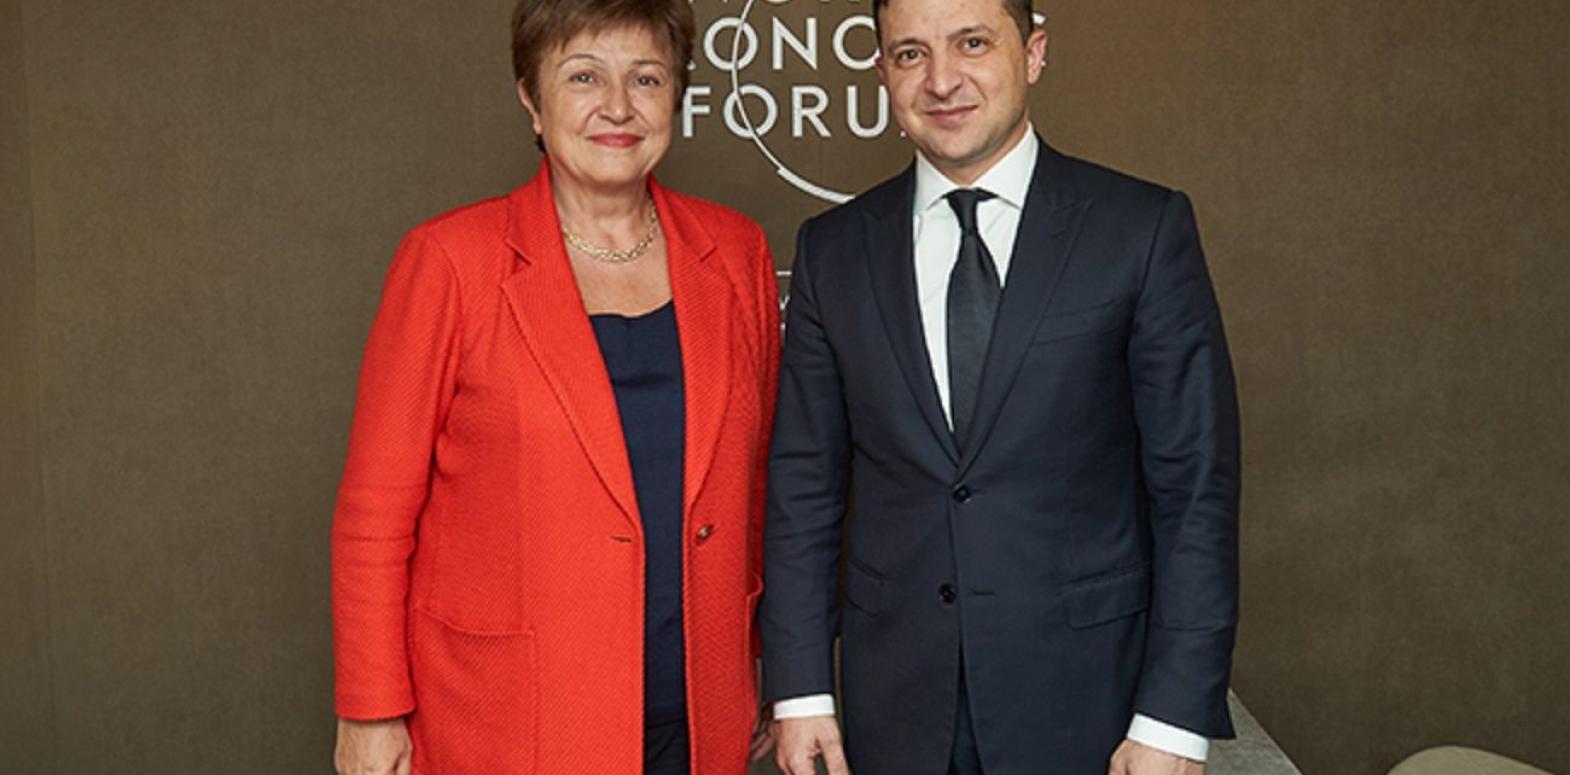 МВФ окончательно утвердил 2,7 млрд долларов для Украины. Средства поступят ко Дню независимости